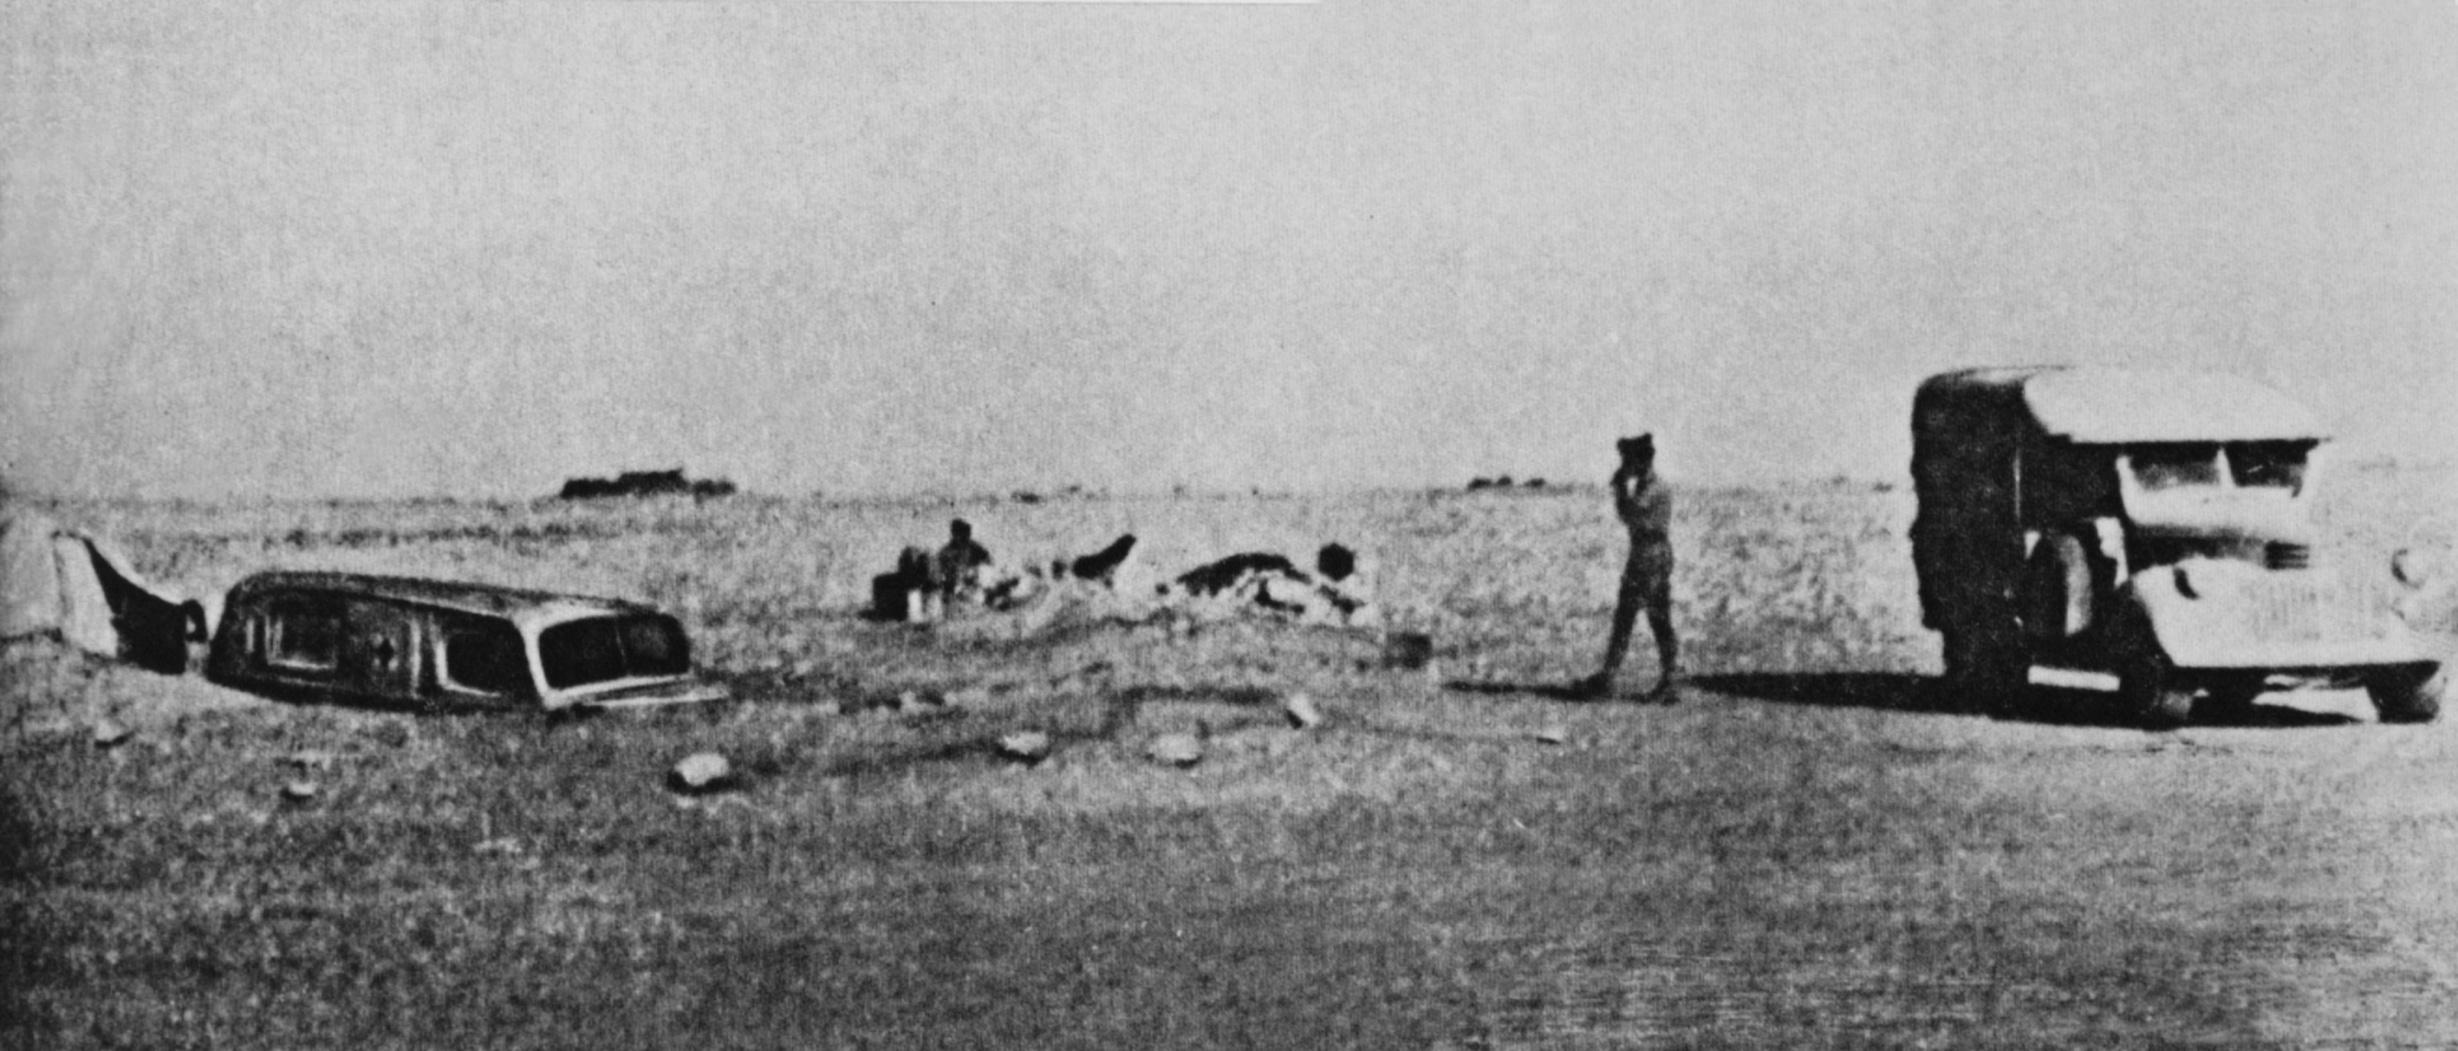 La bataille de Bir-Hakeim, par le général Saint-Hillier, compagnon de la Libération